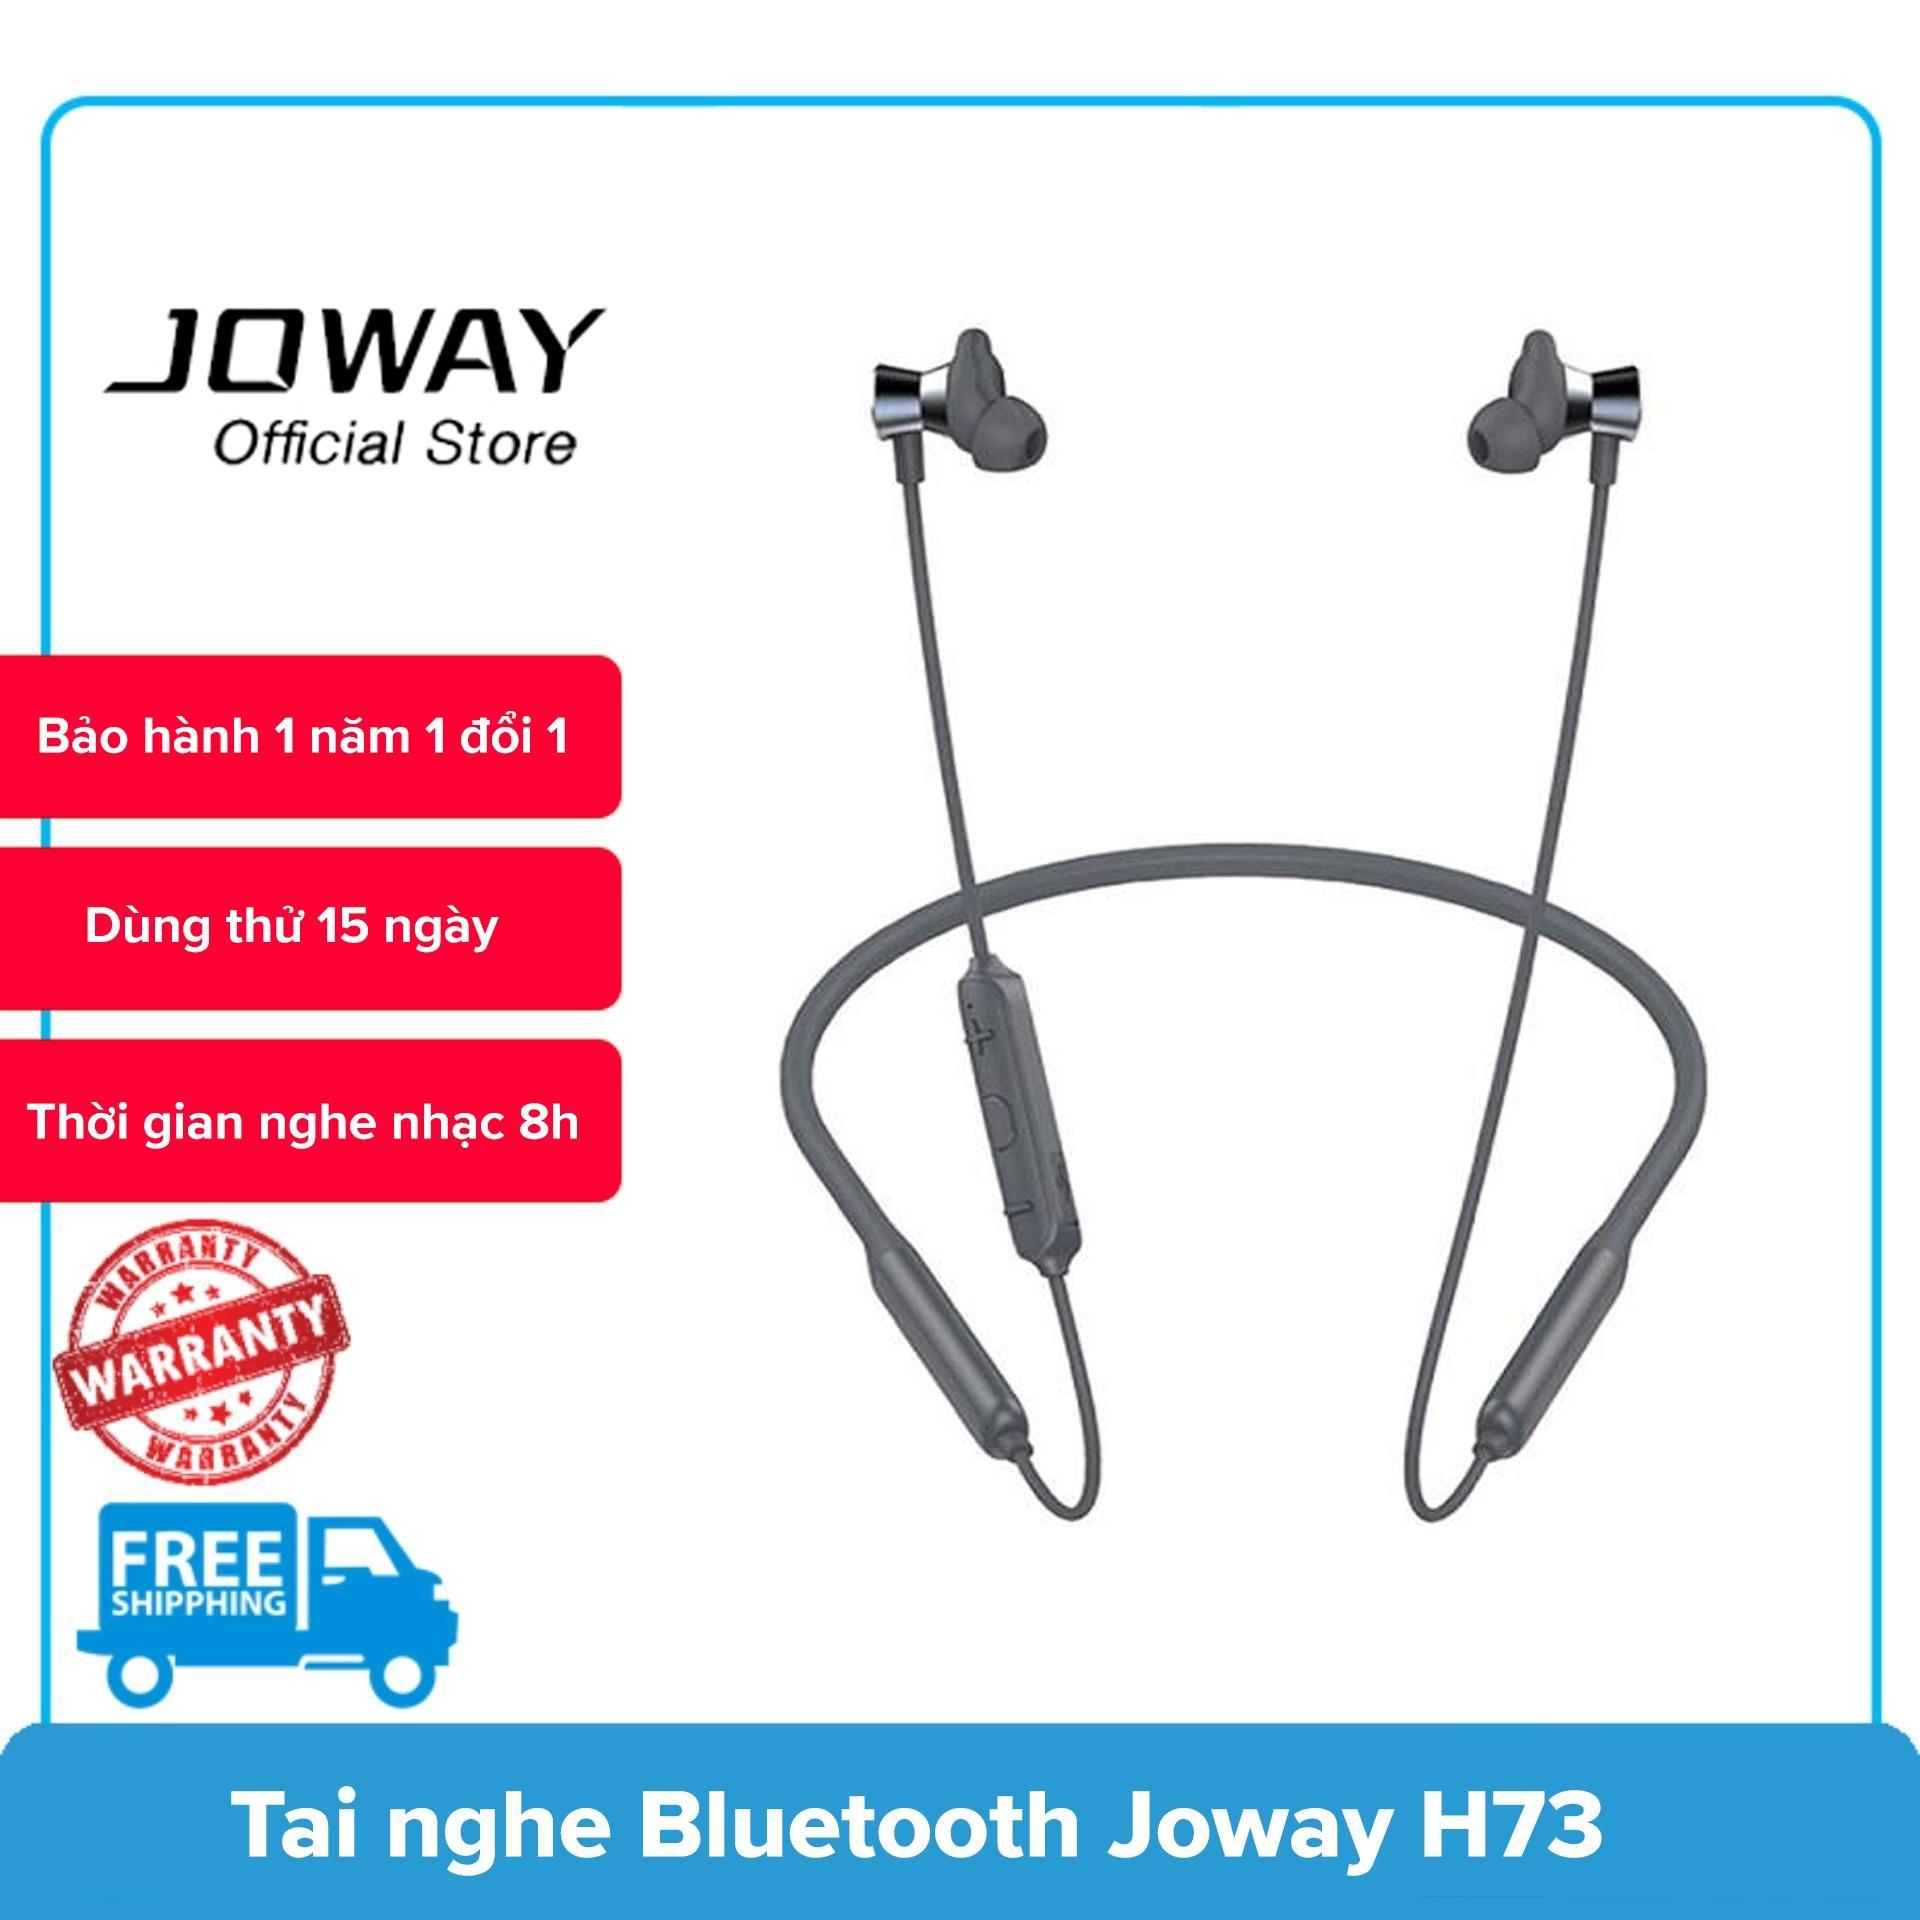 Tai nghe bluetooth Super Bass Joway H73, chống ồn, âm thanh stereo, nghe nhạc liên tục 8h - Hãng phân phối chính thức